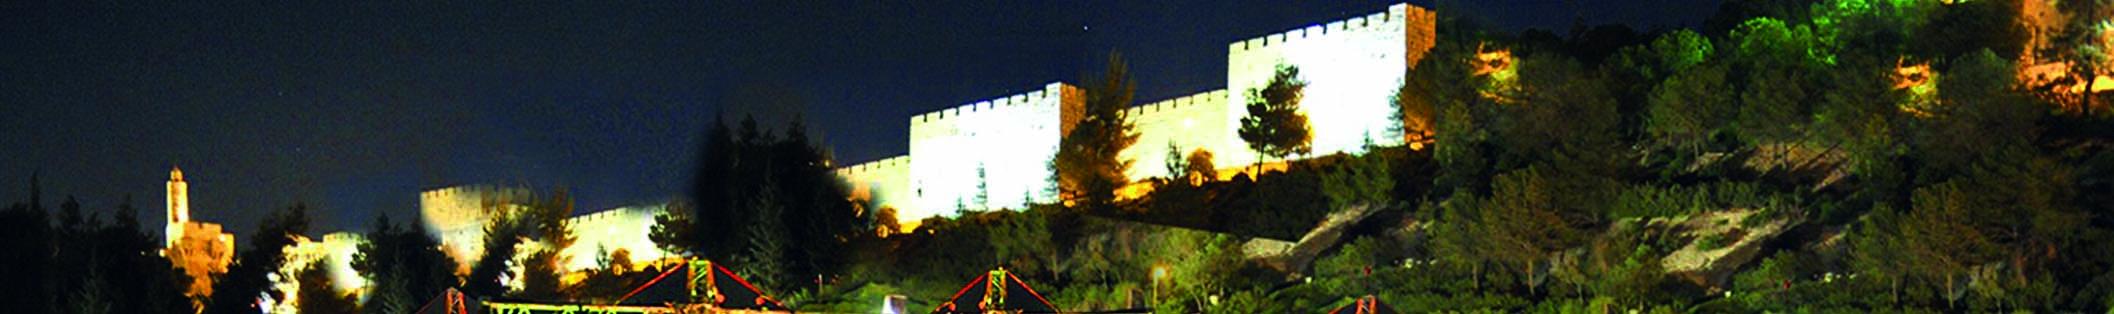 rigorahav